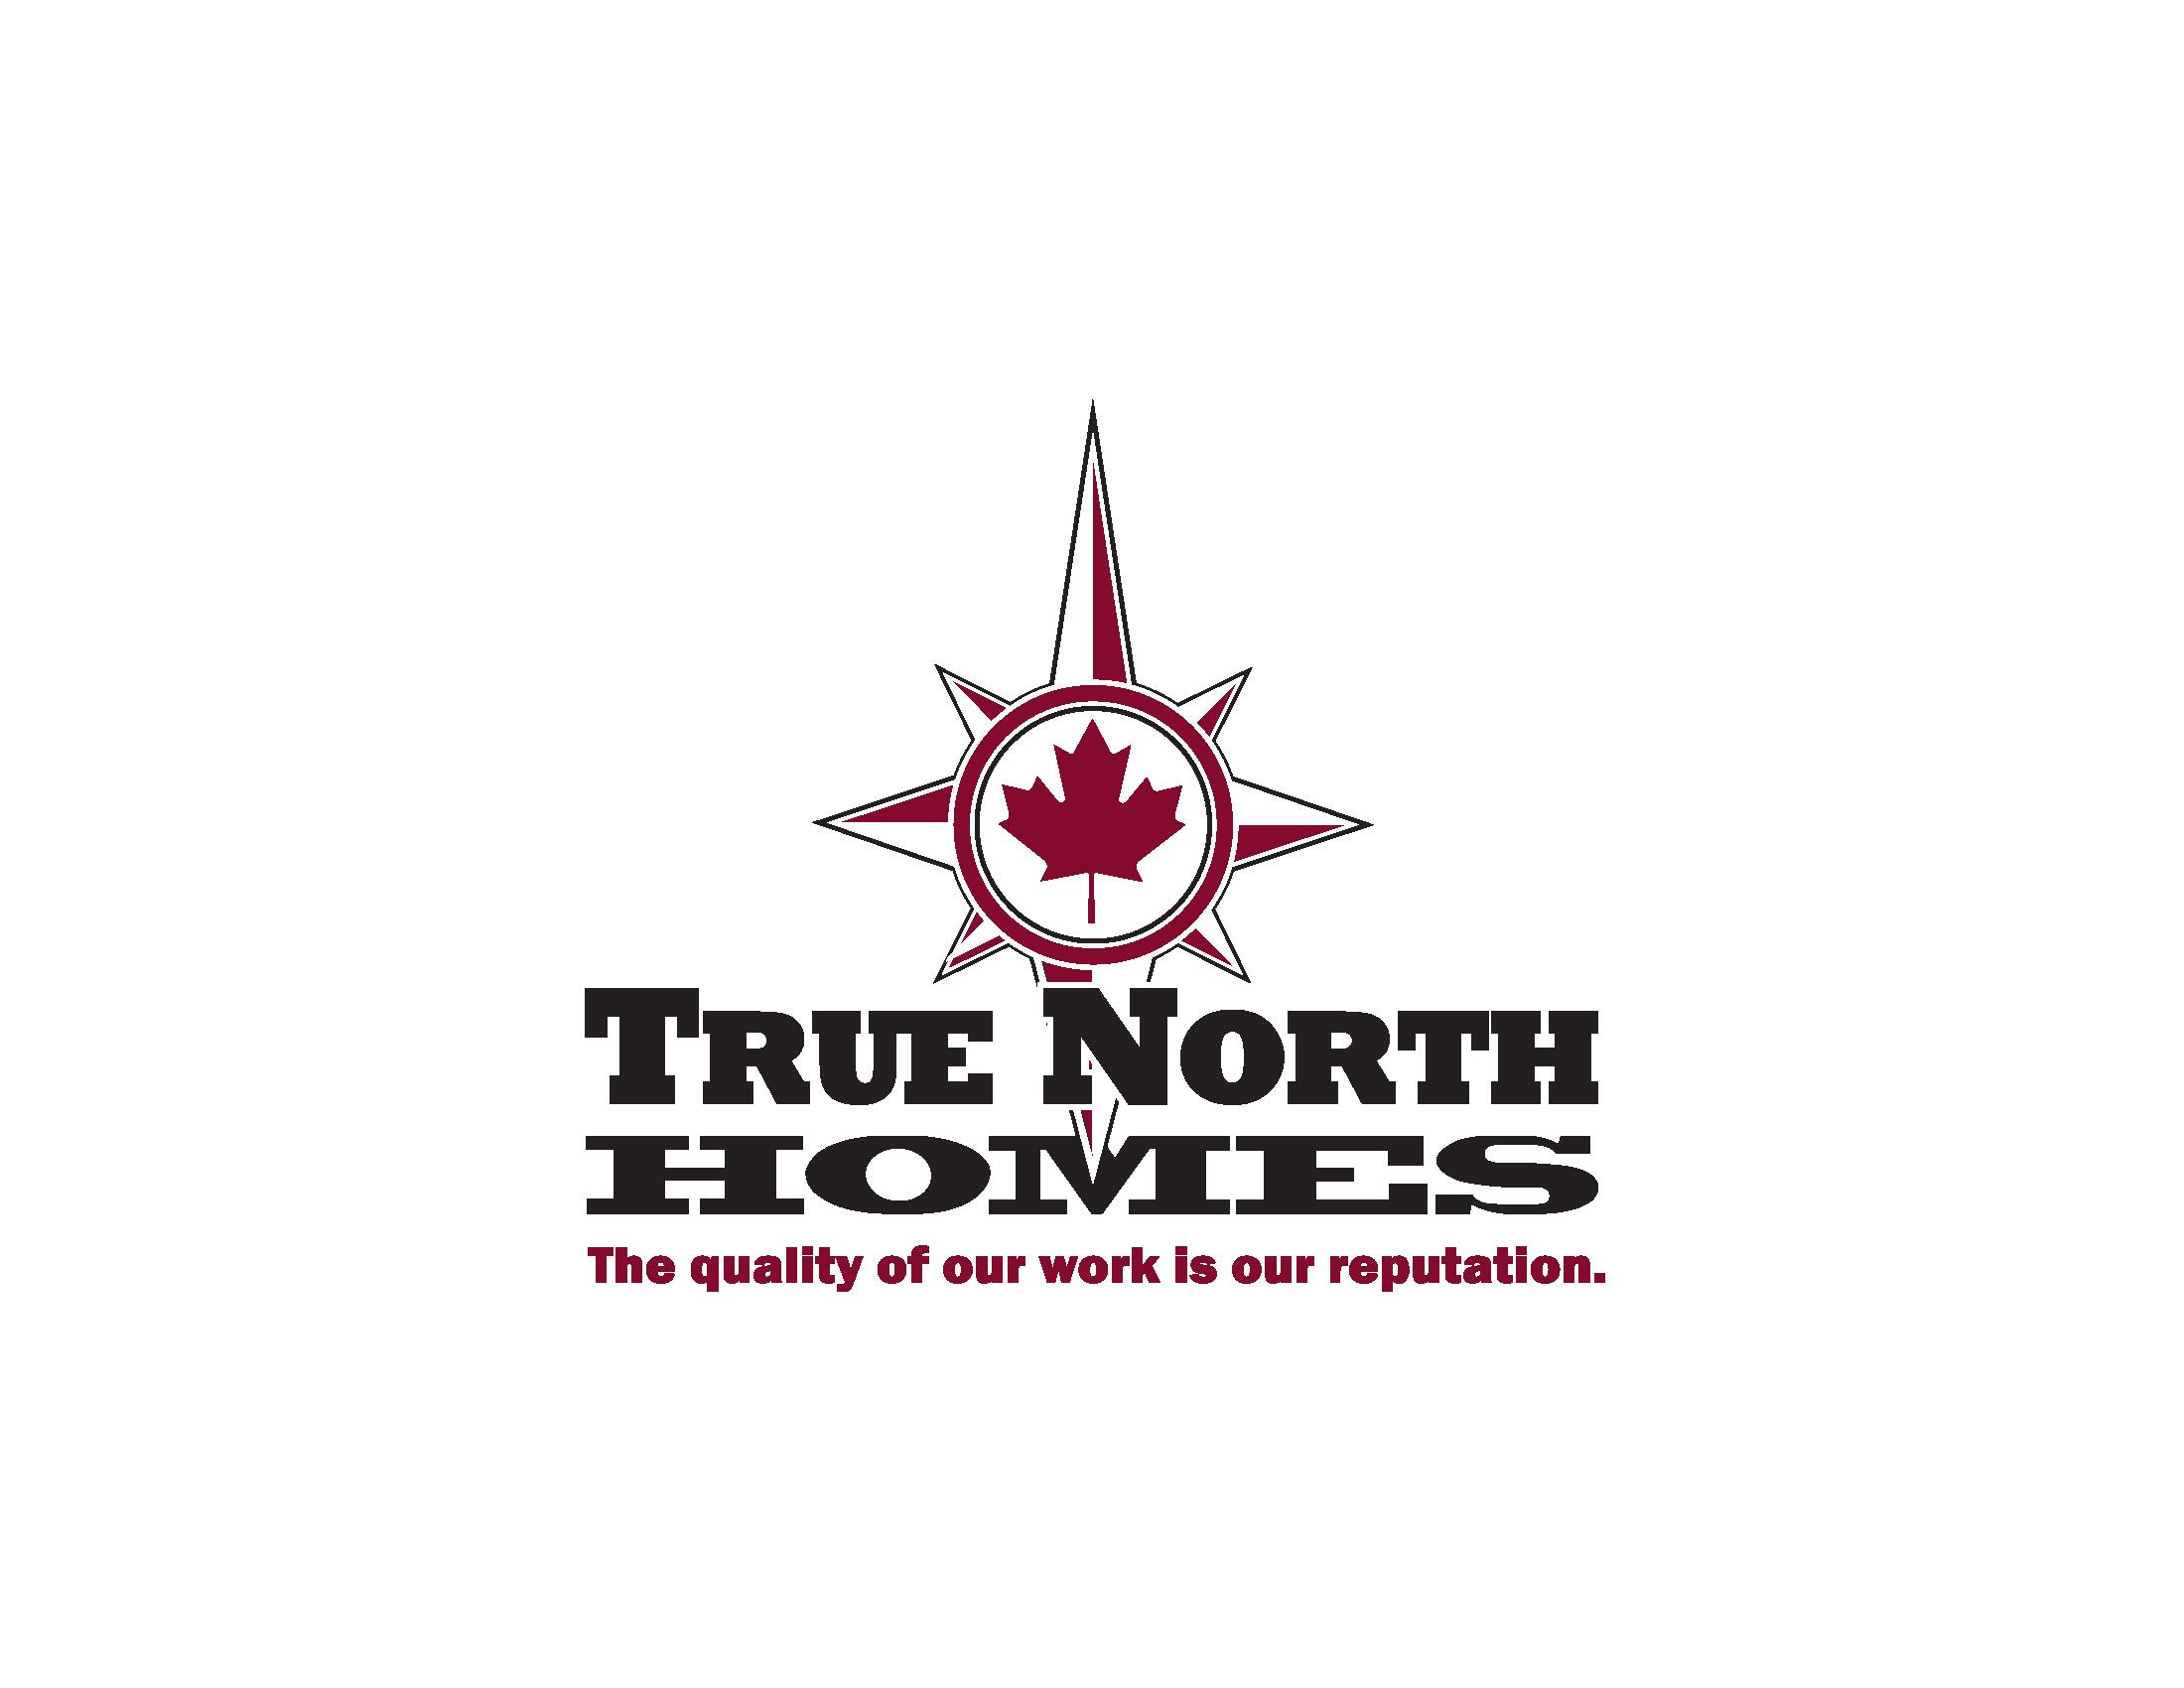 True-North-homes-logo.jpg